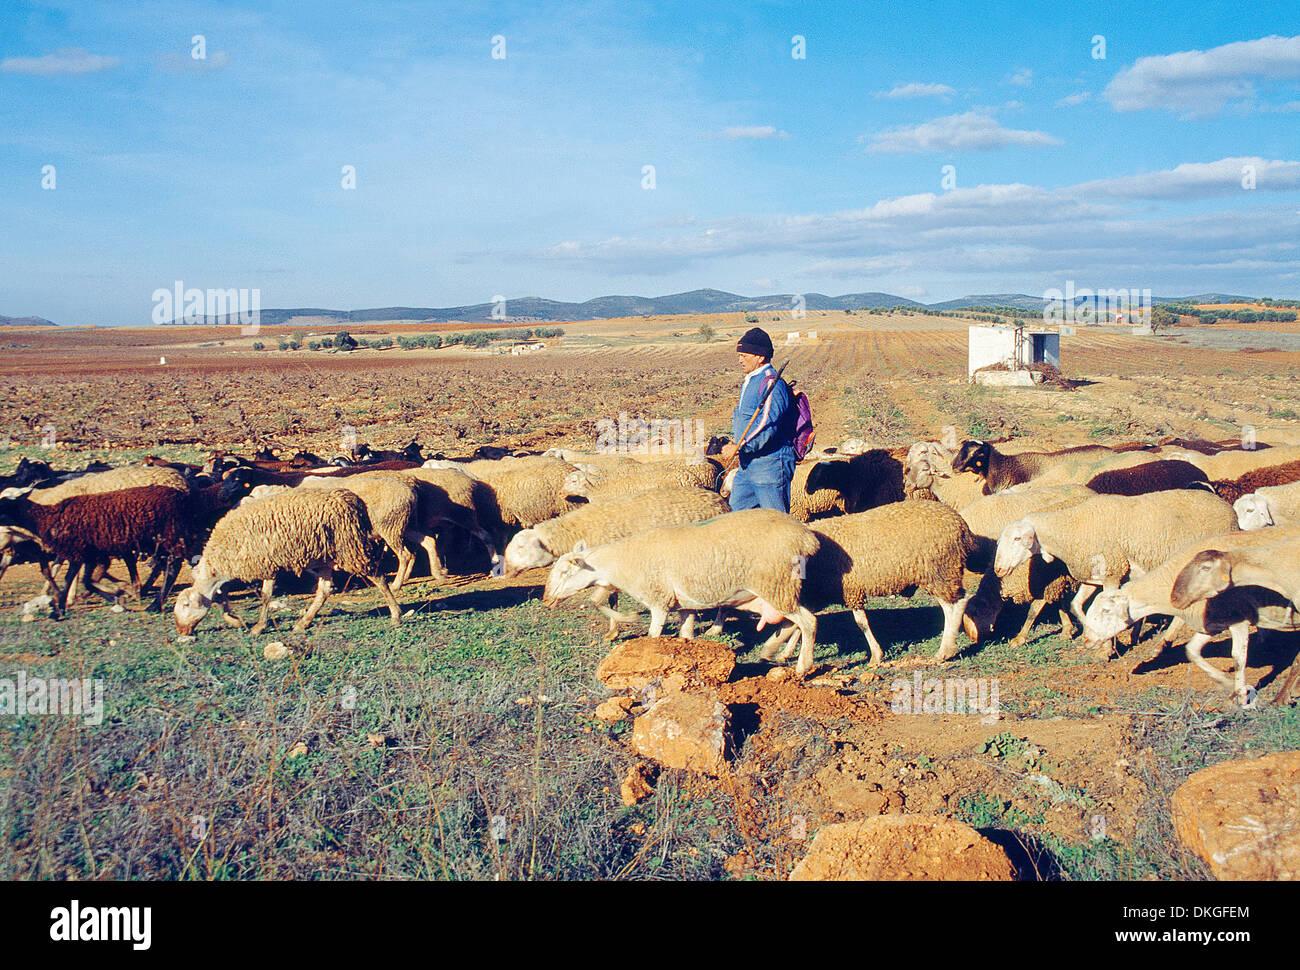 Shepherd and his flock of sheep. Villanueva de los Infantes, Ciudad Real province, Castilla La Mancha, Spain. - Stock Image